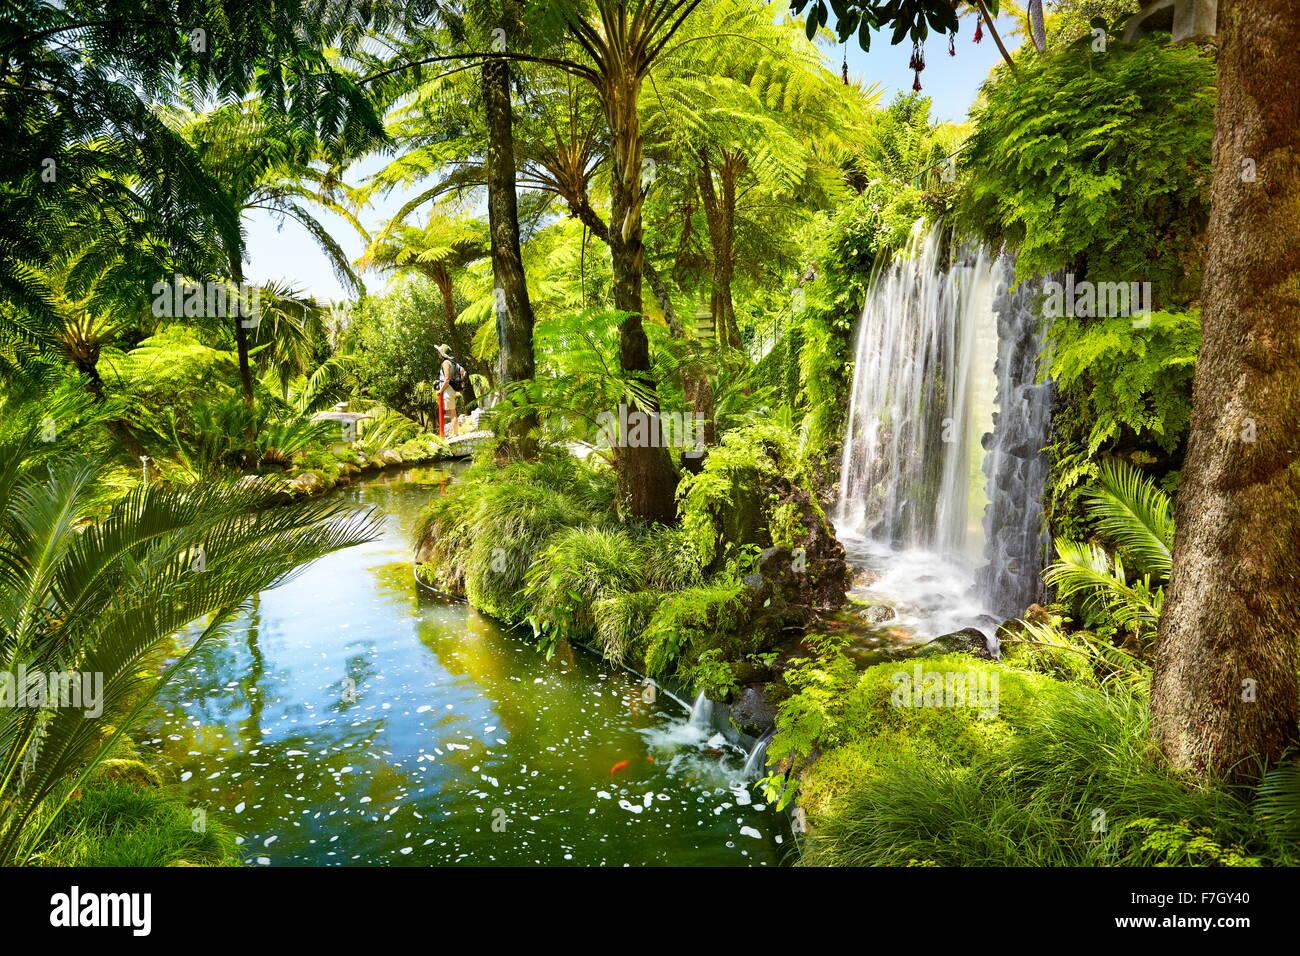 Monte Palace Tropical Garden (jardin japonais) - Funchal, monte, l'île de Madère, Portugal Photo Stock